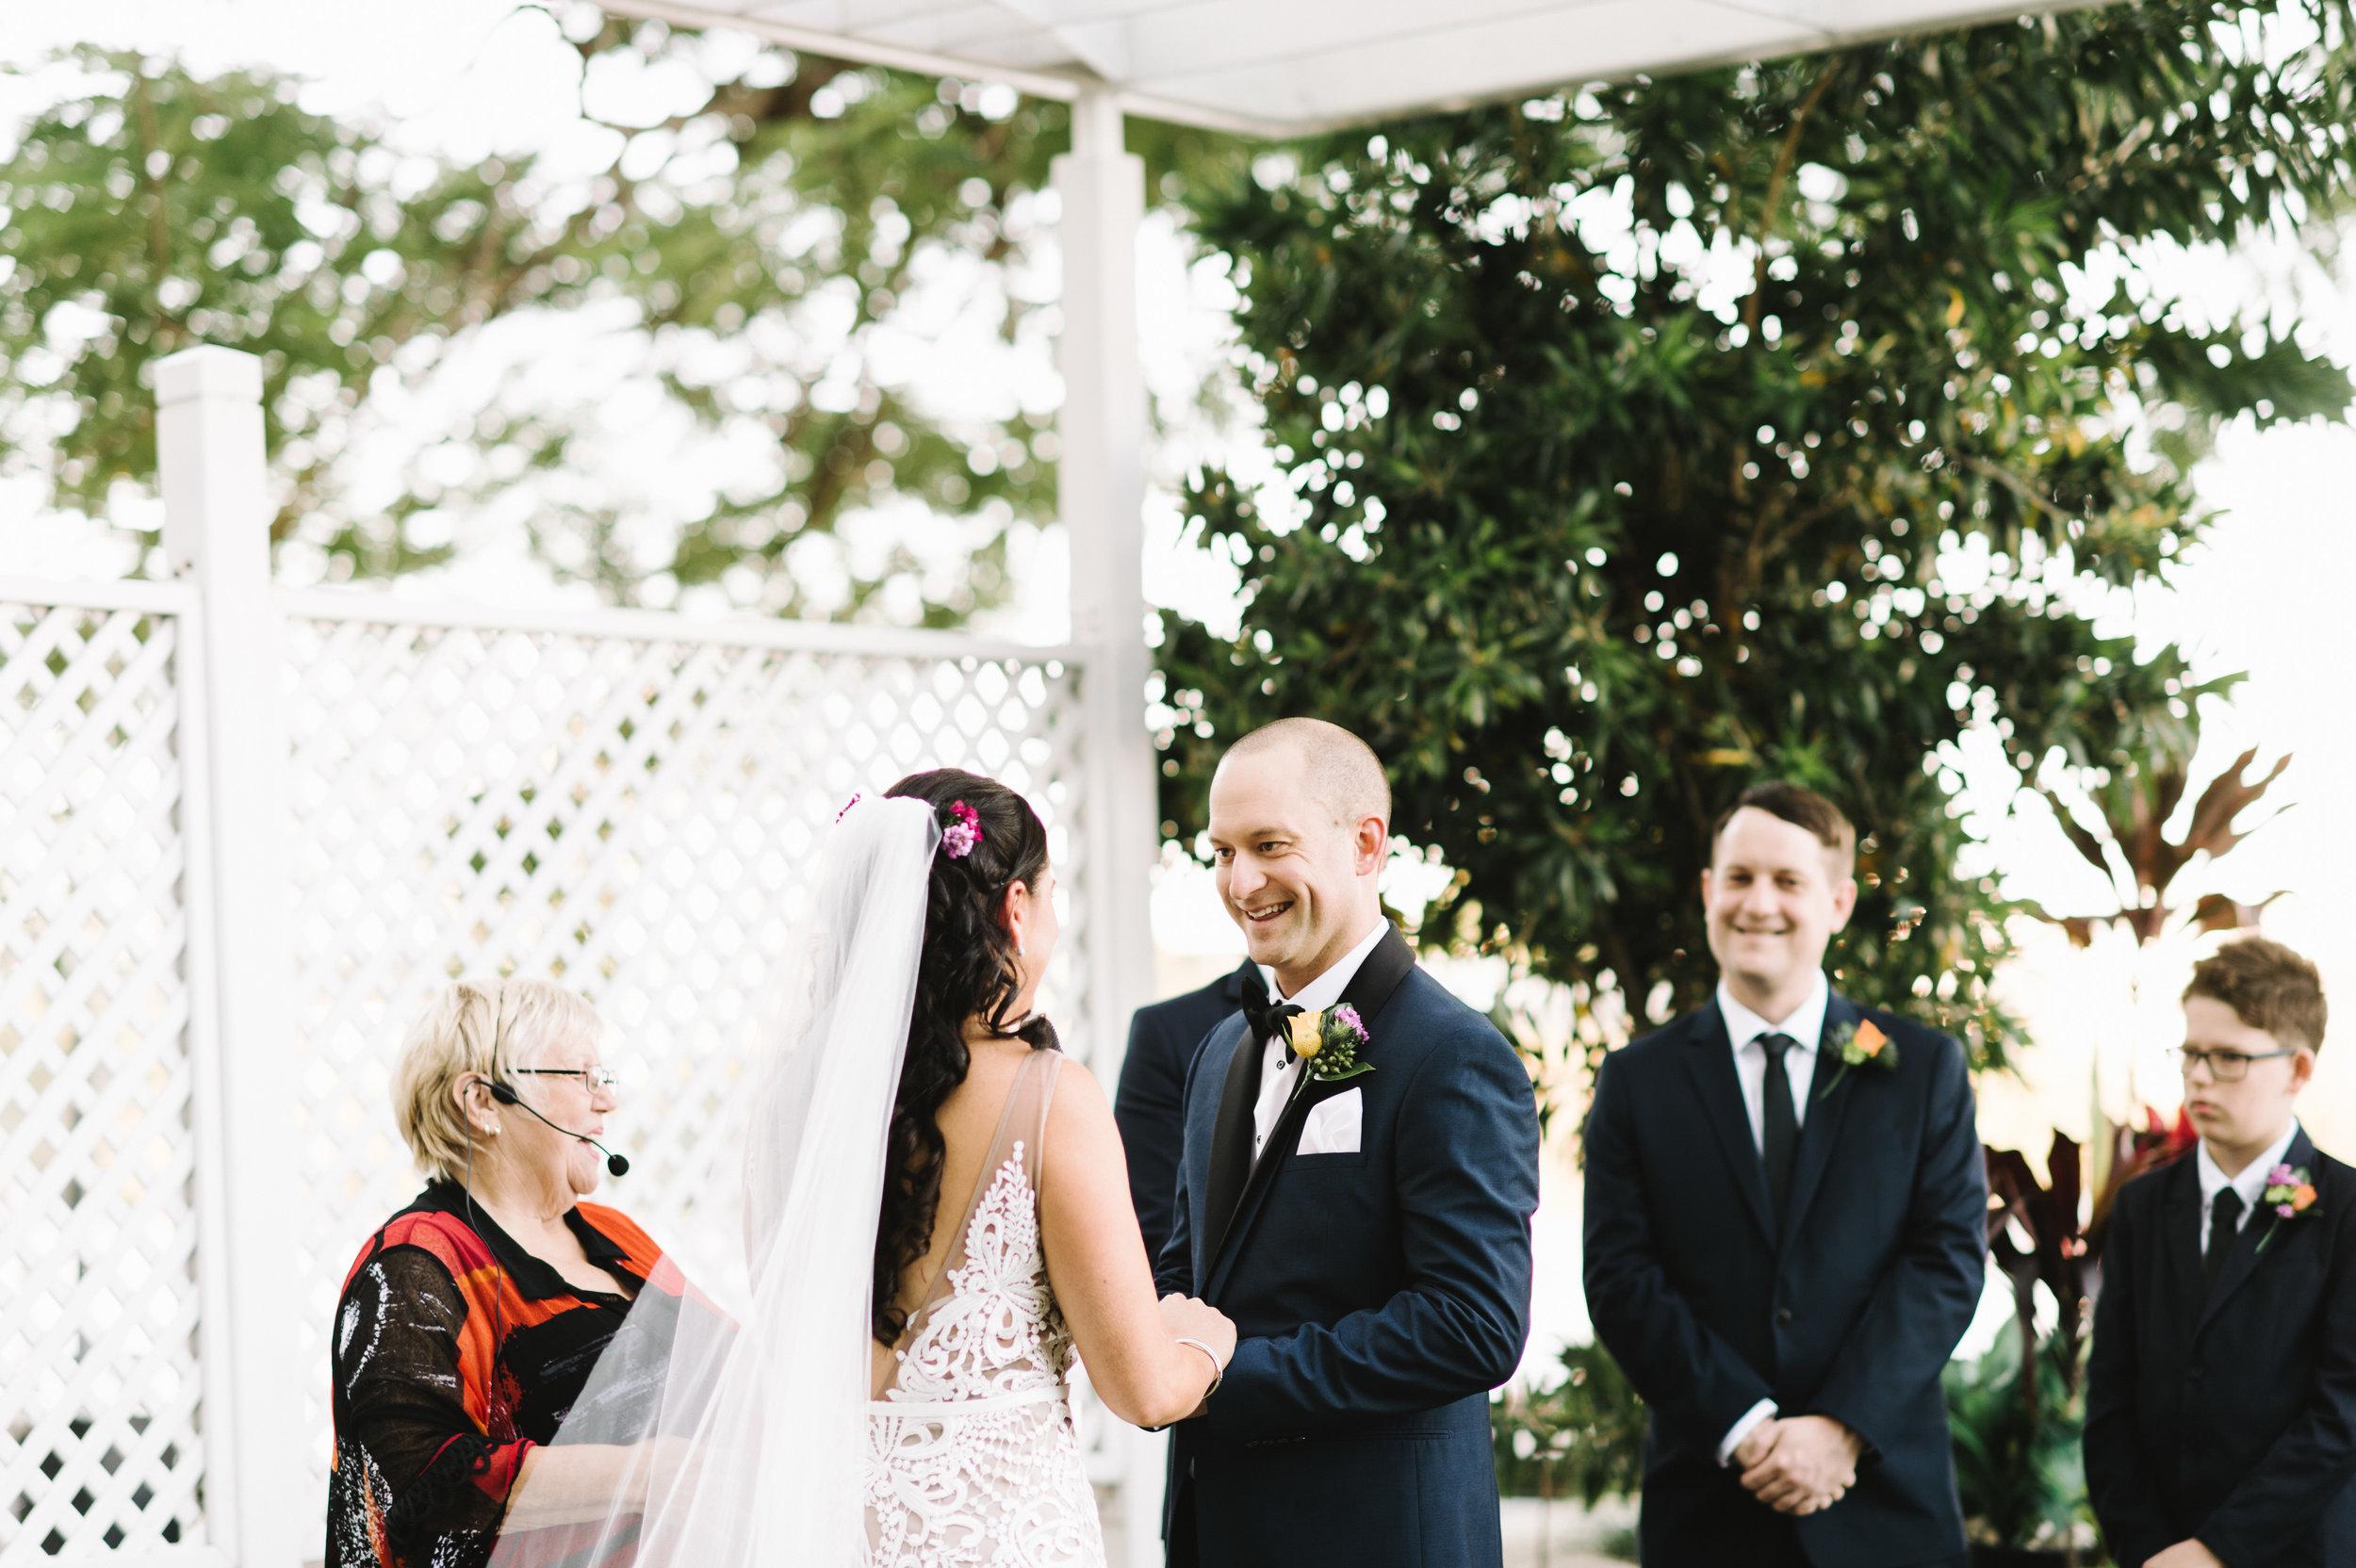 brisbane-stamford-plaza-wedding-36.jpg